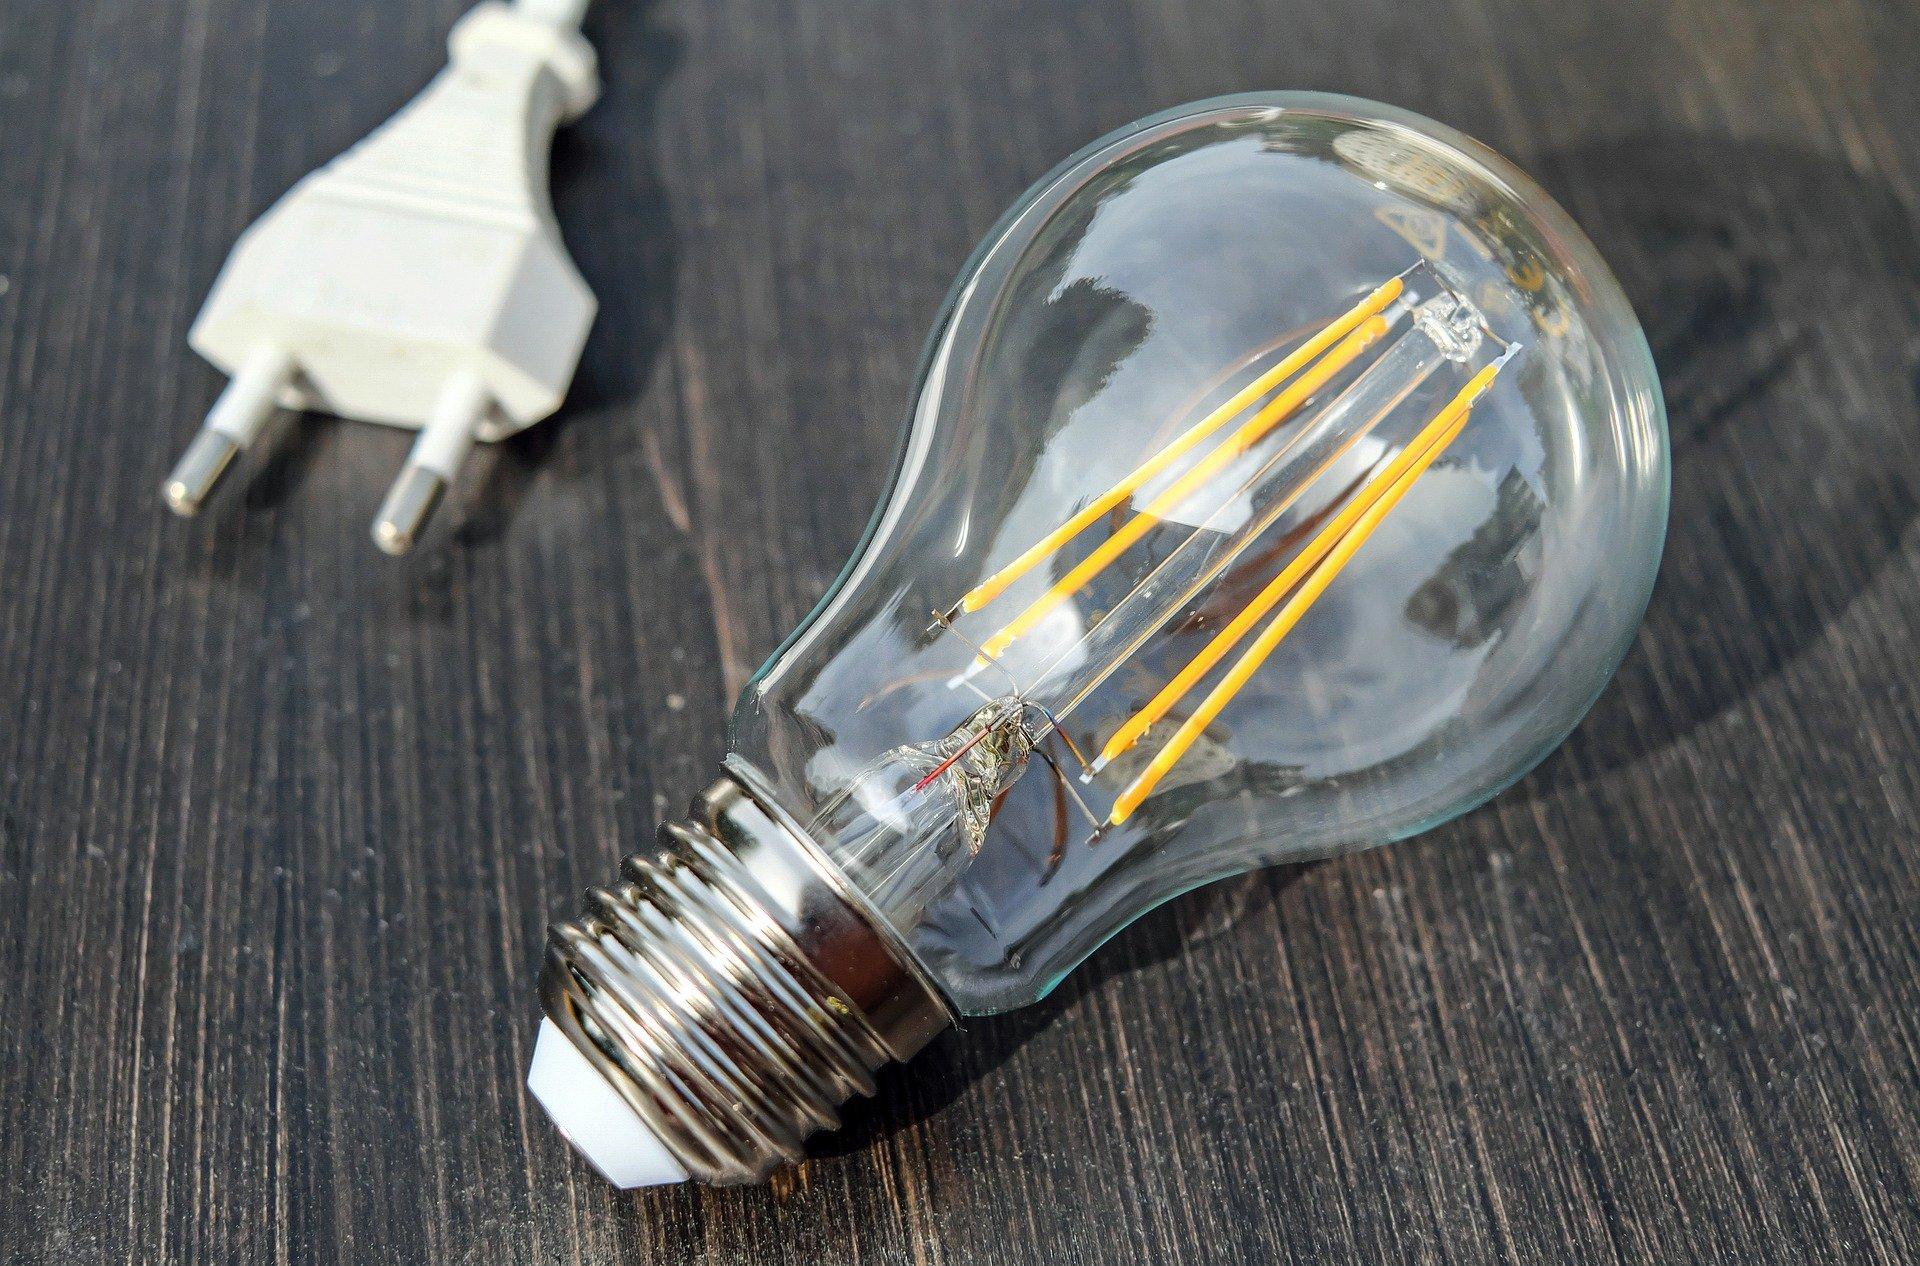 デュッセルドルフ在住時に年に1度やってくる電気代精算の手続き記録【2020/2021完全編】